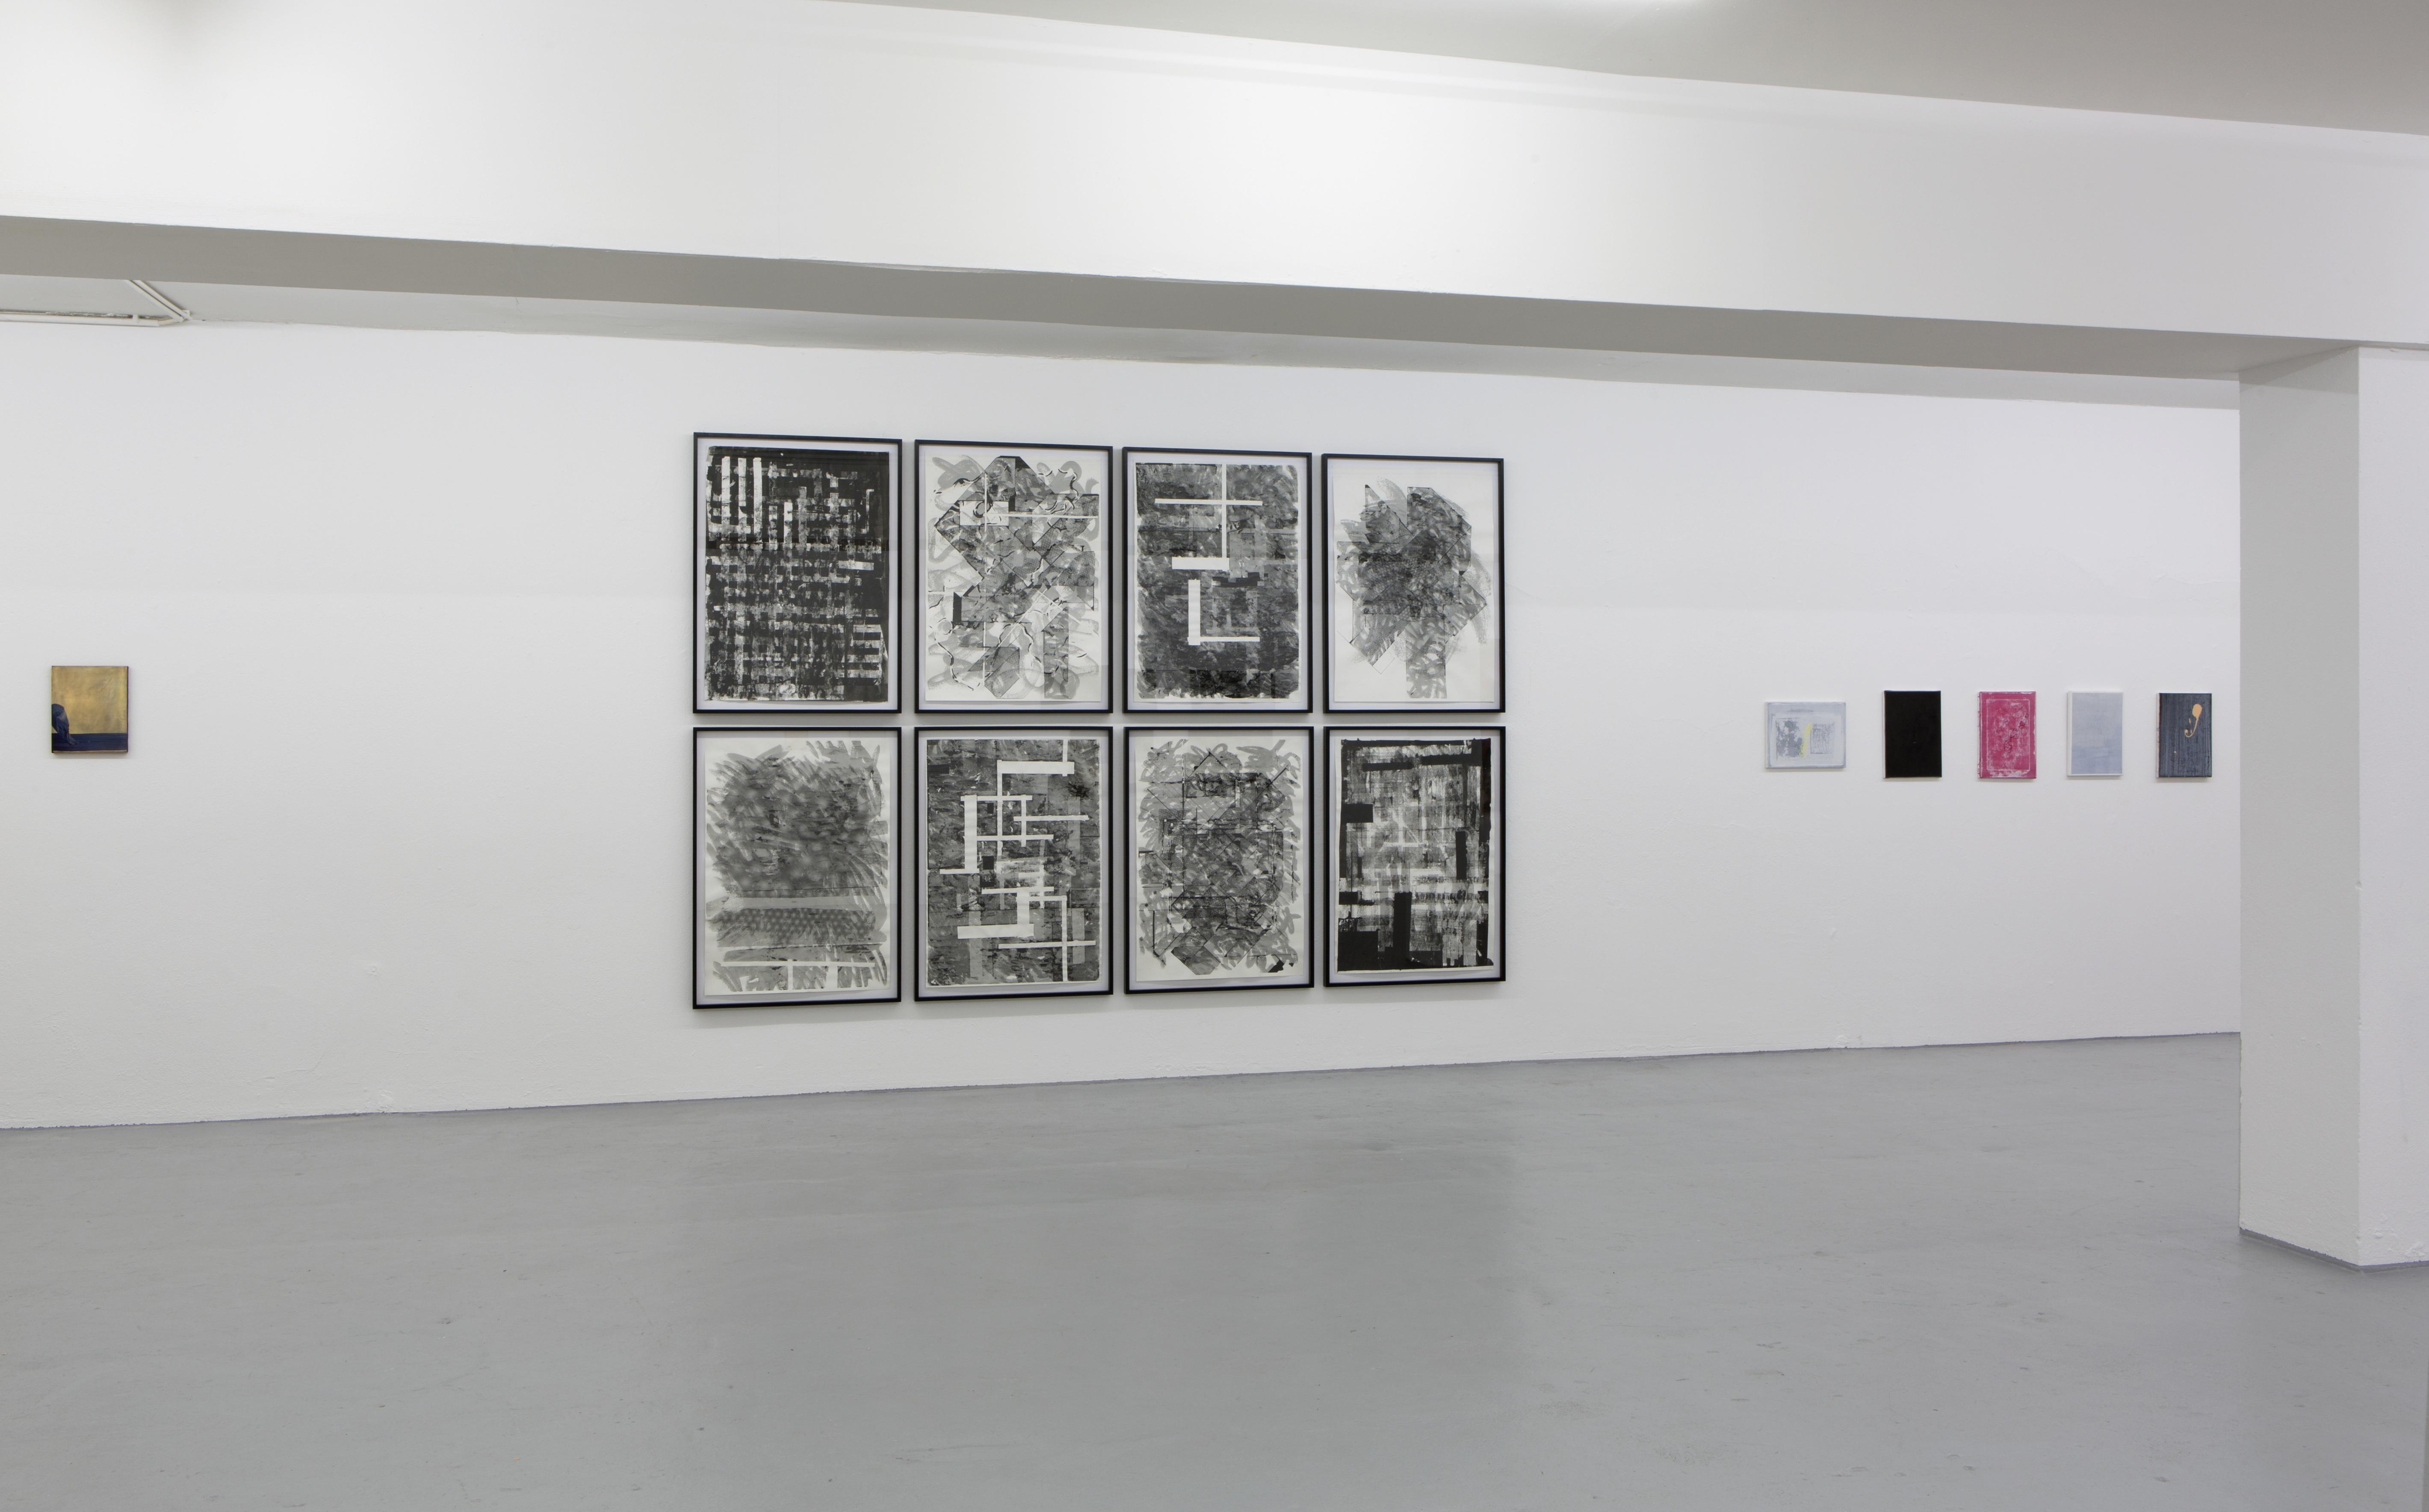 Your Figure in the Carpet: Saile, Mönnich, Chirulescu